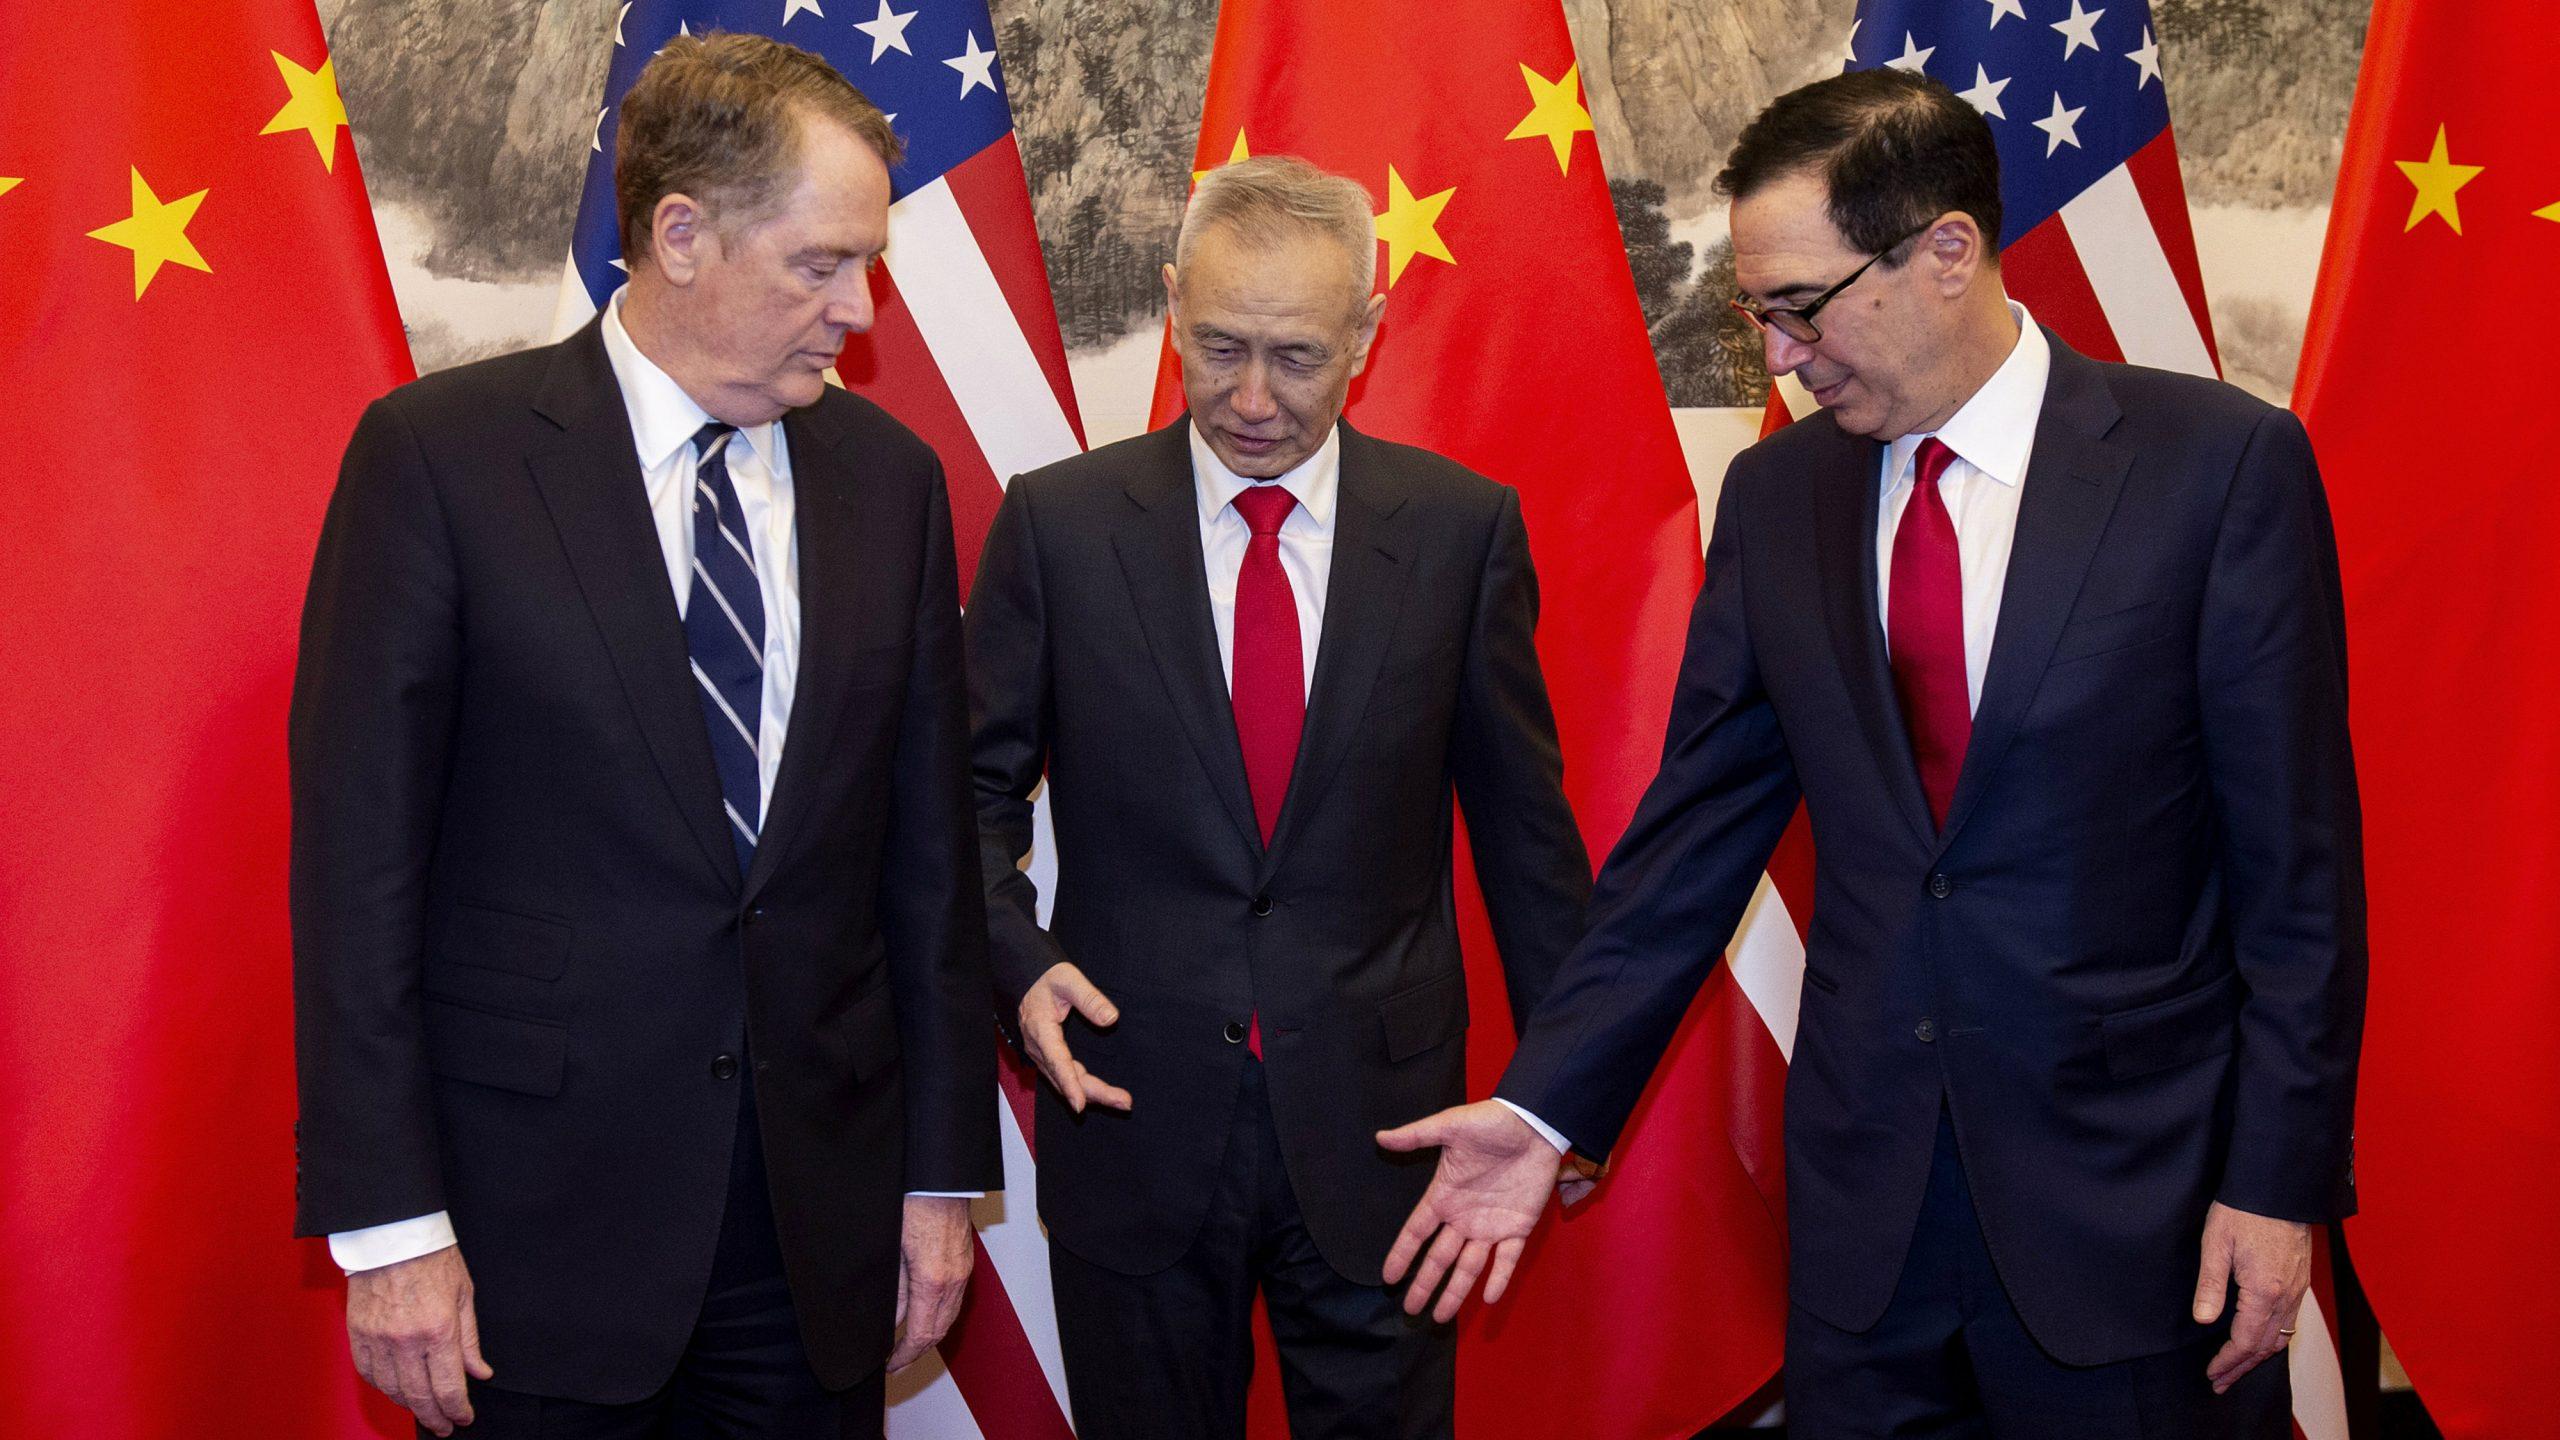 Kina i SAD razgovarale o jačanju saradnje i prvoj fazi trgovinskog sporazuma 1